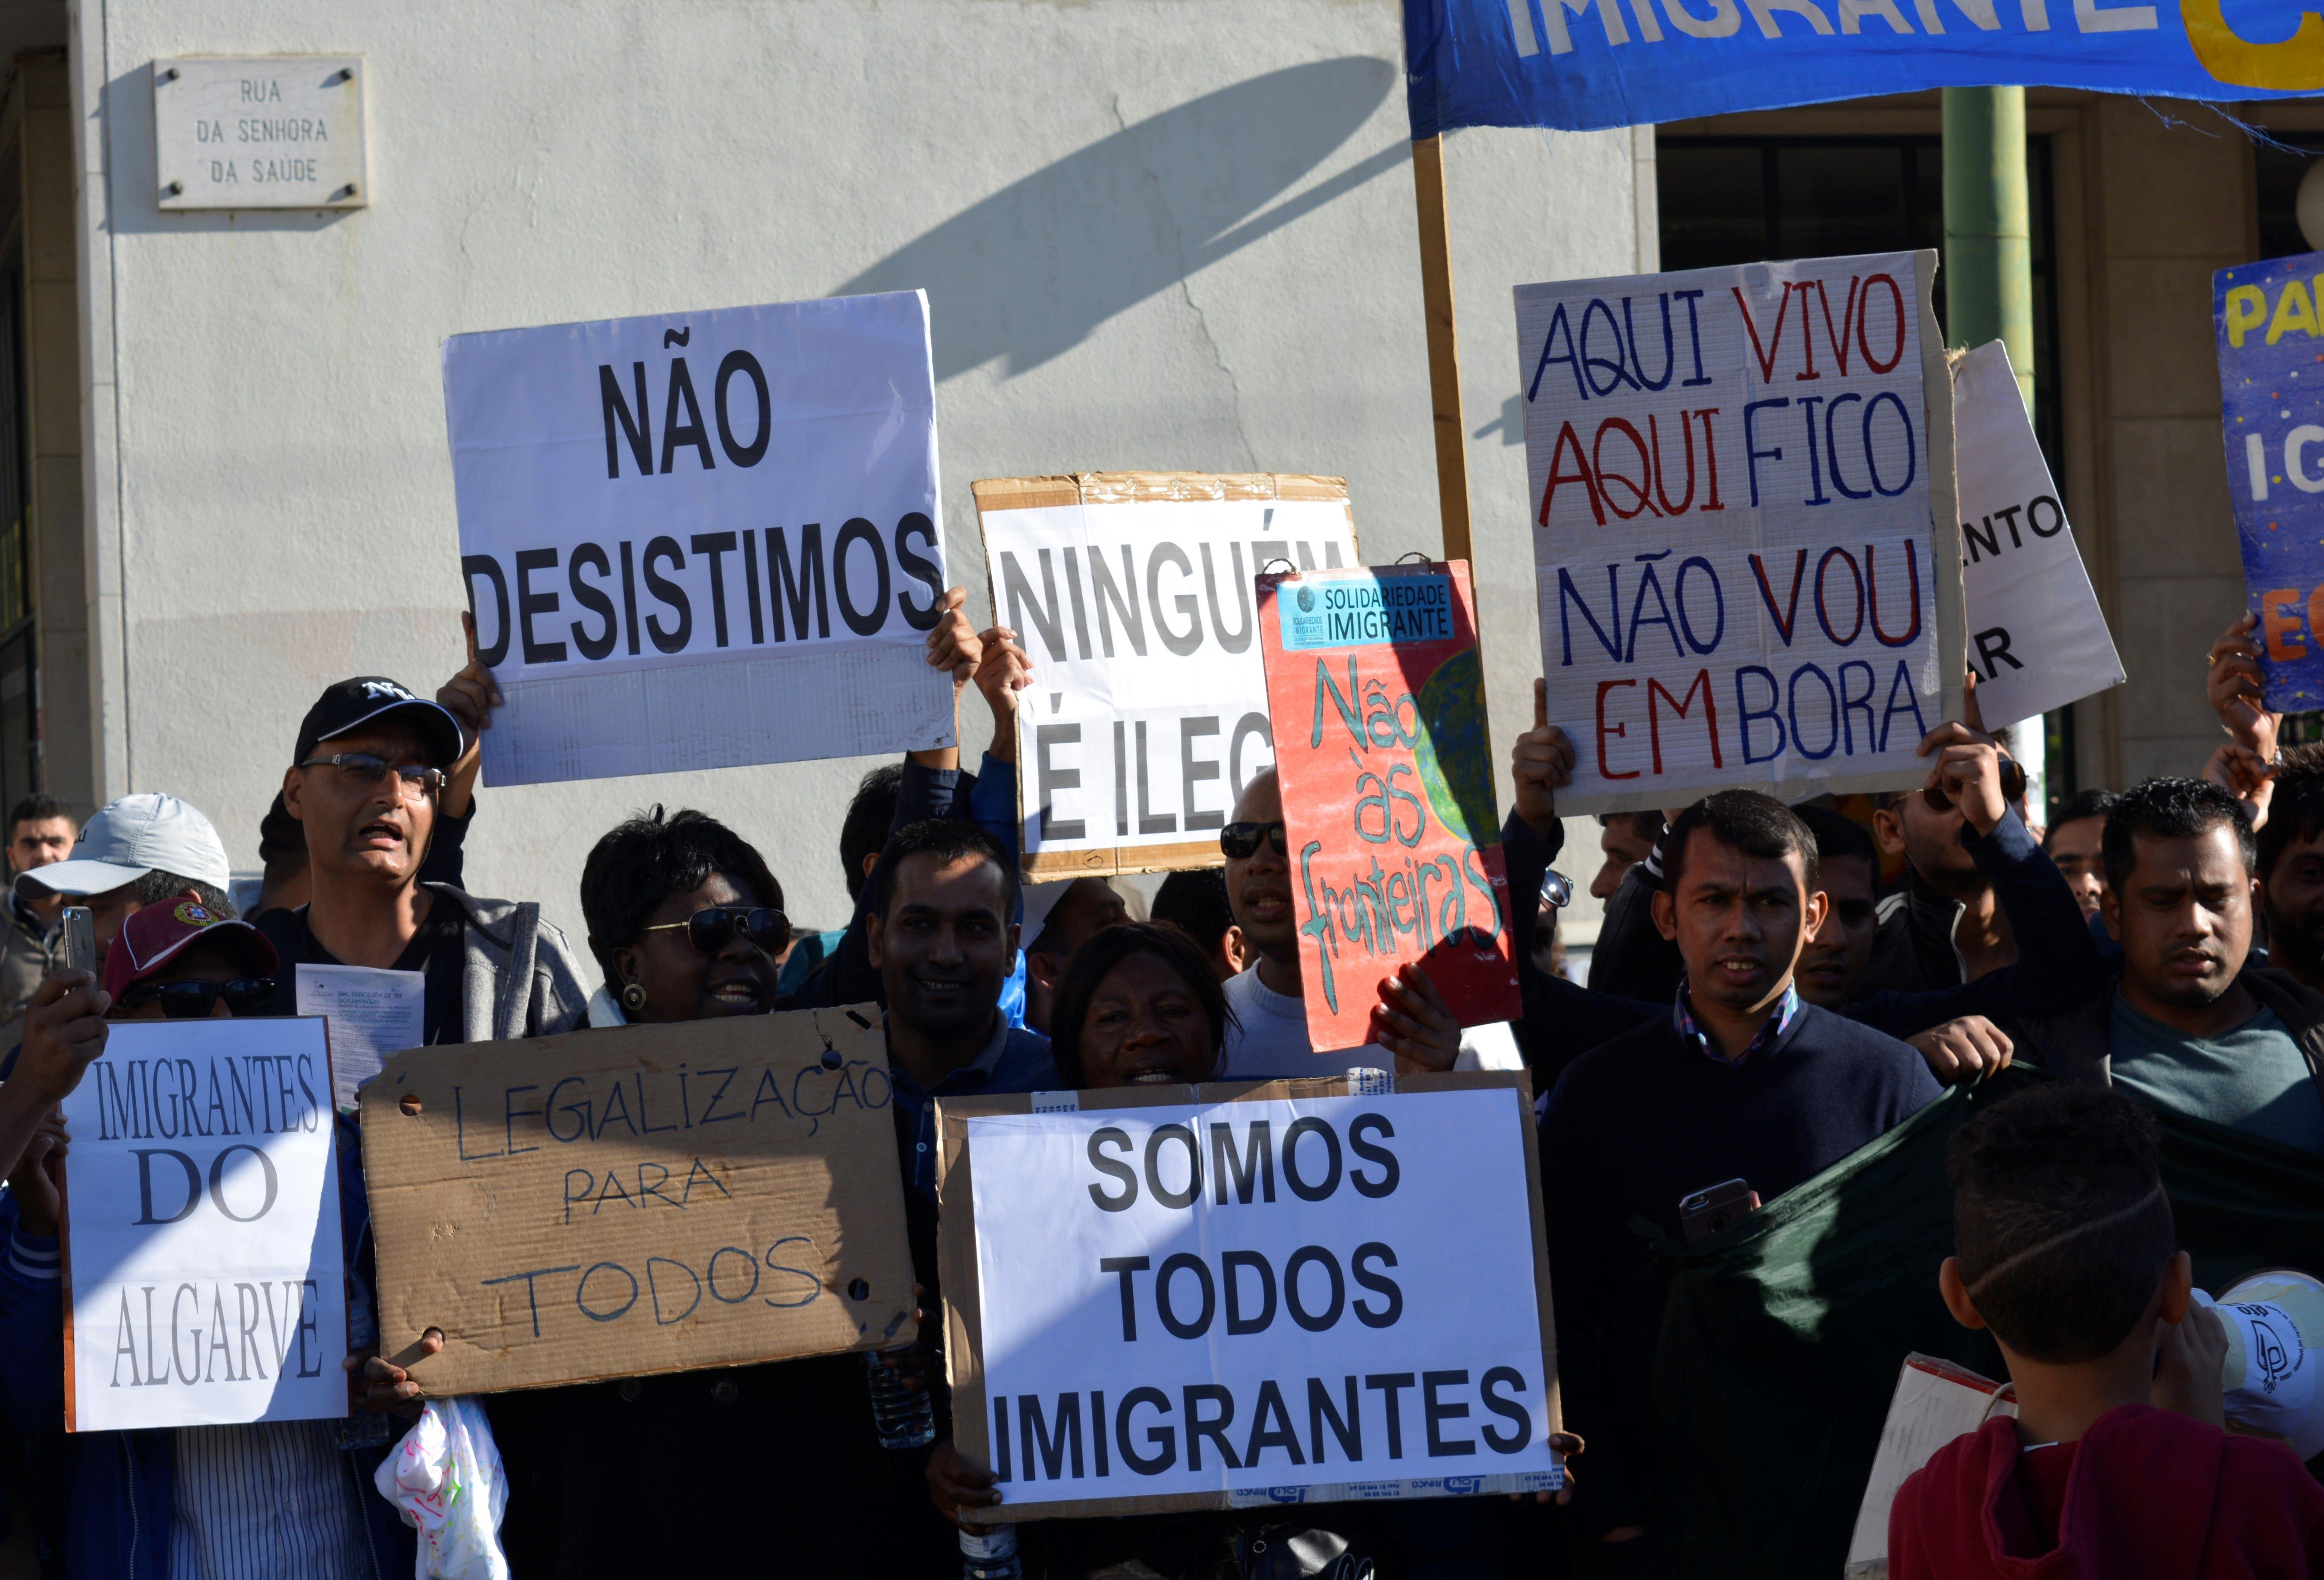 """Cartazes dos manifestantes, que incluem frases como """"Não desistimos"""", """"Somos todos imigrantes"""", """"Aqui vivo, aqui fico, não vou embora"""" e """"Legalização para todos""""."""